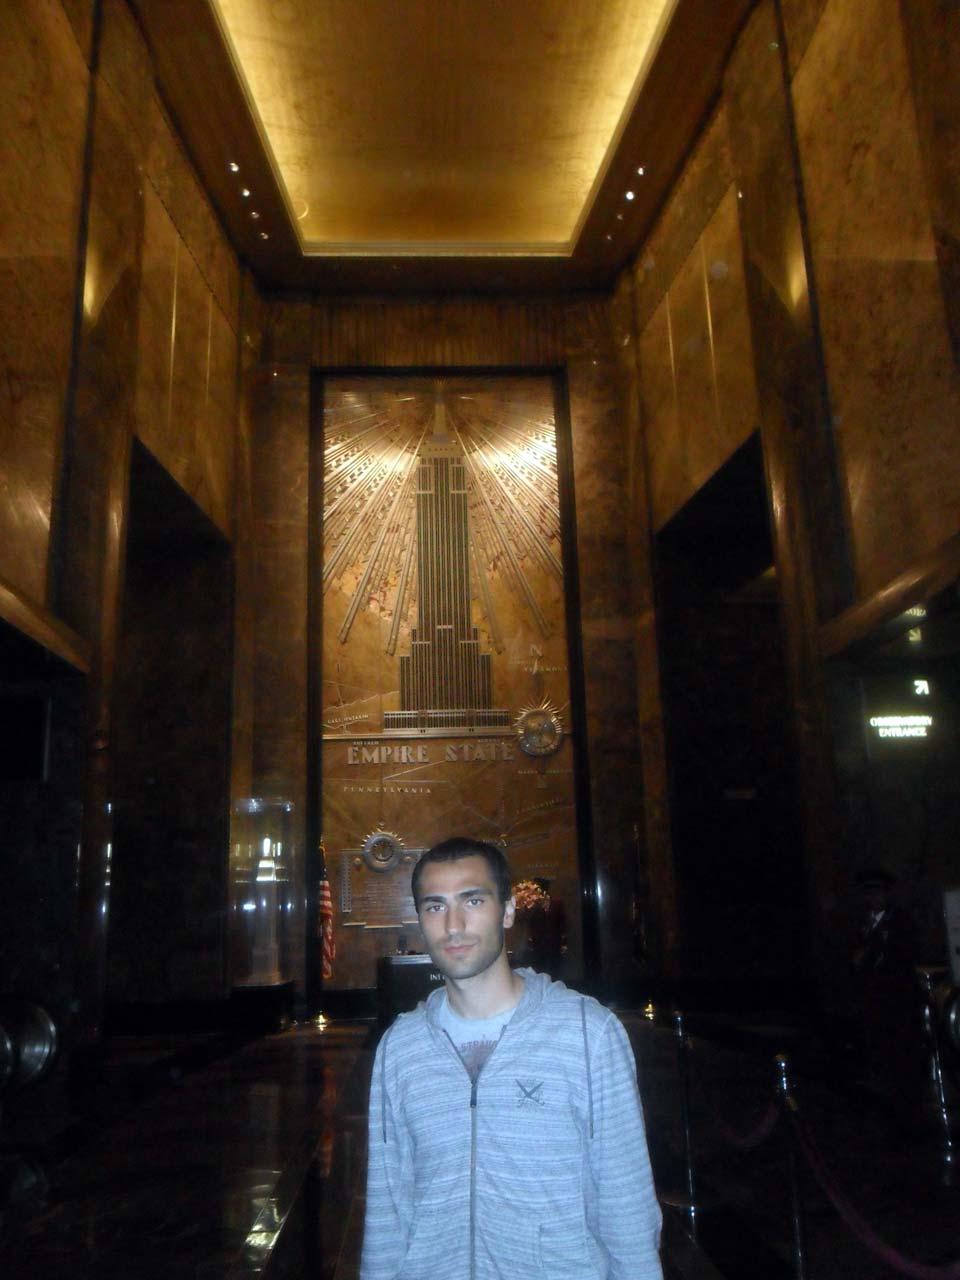 Empire State Binası'nın içi